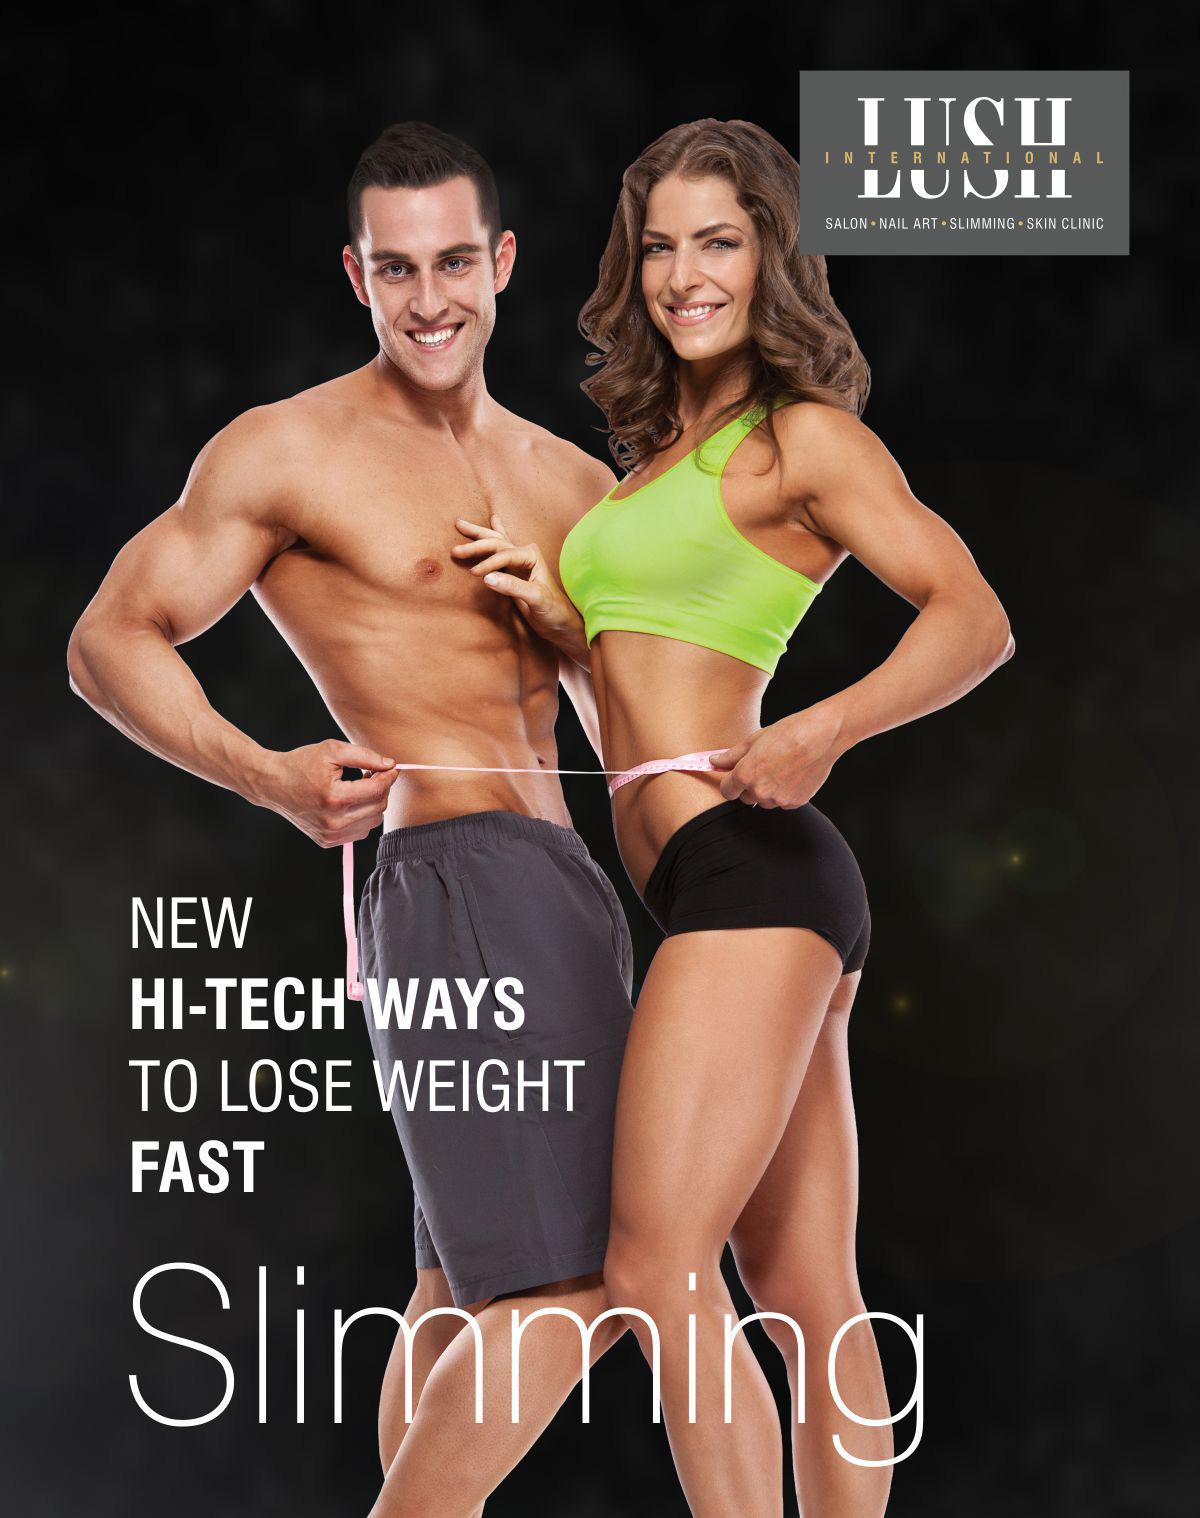 poster design for Fitness Center